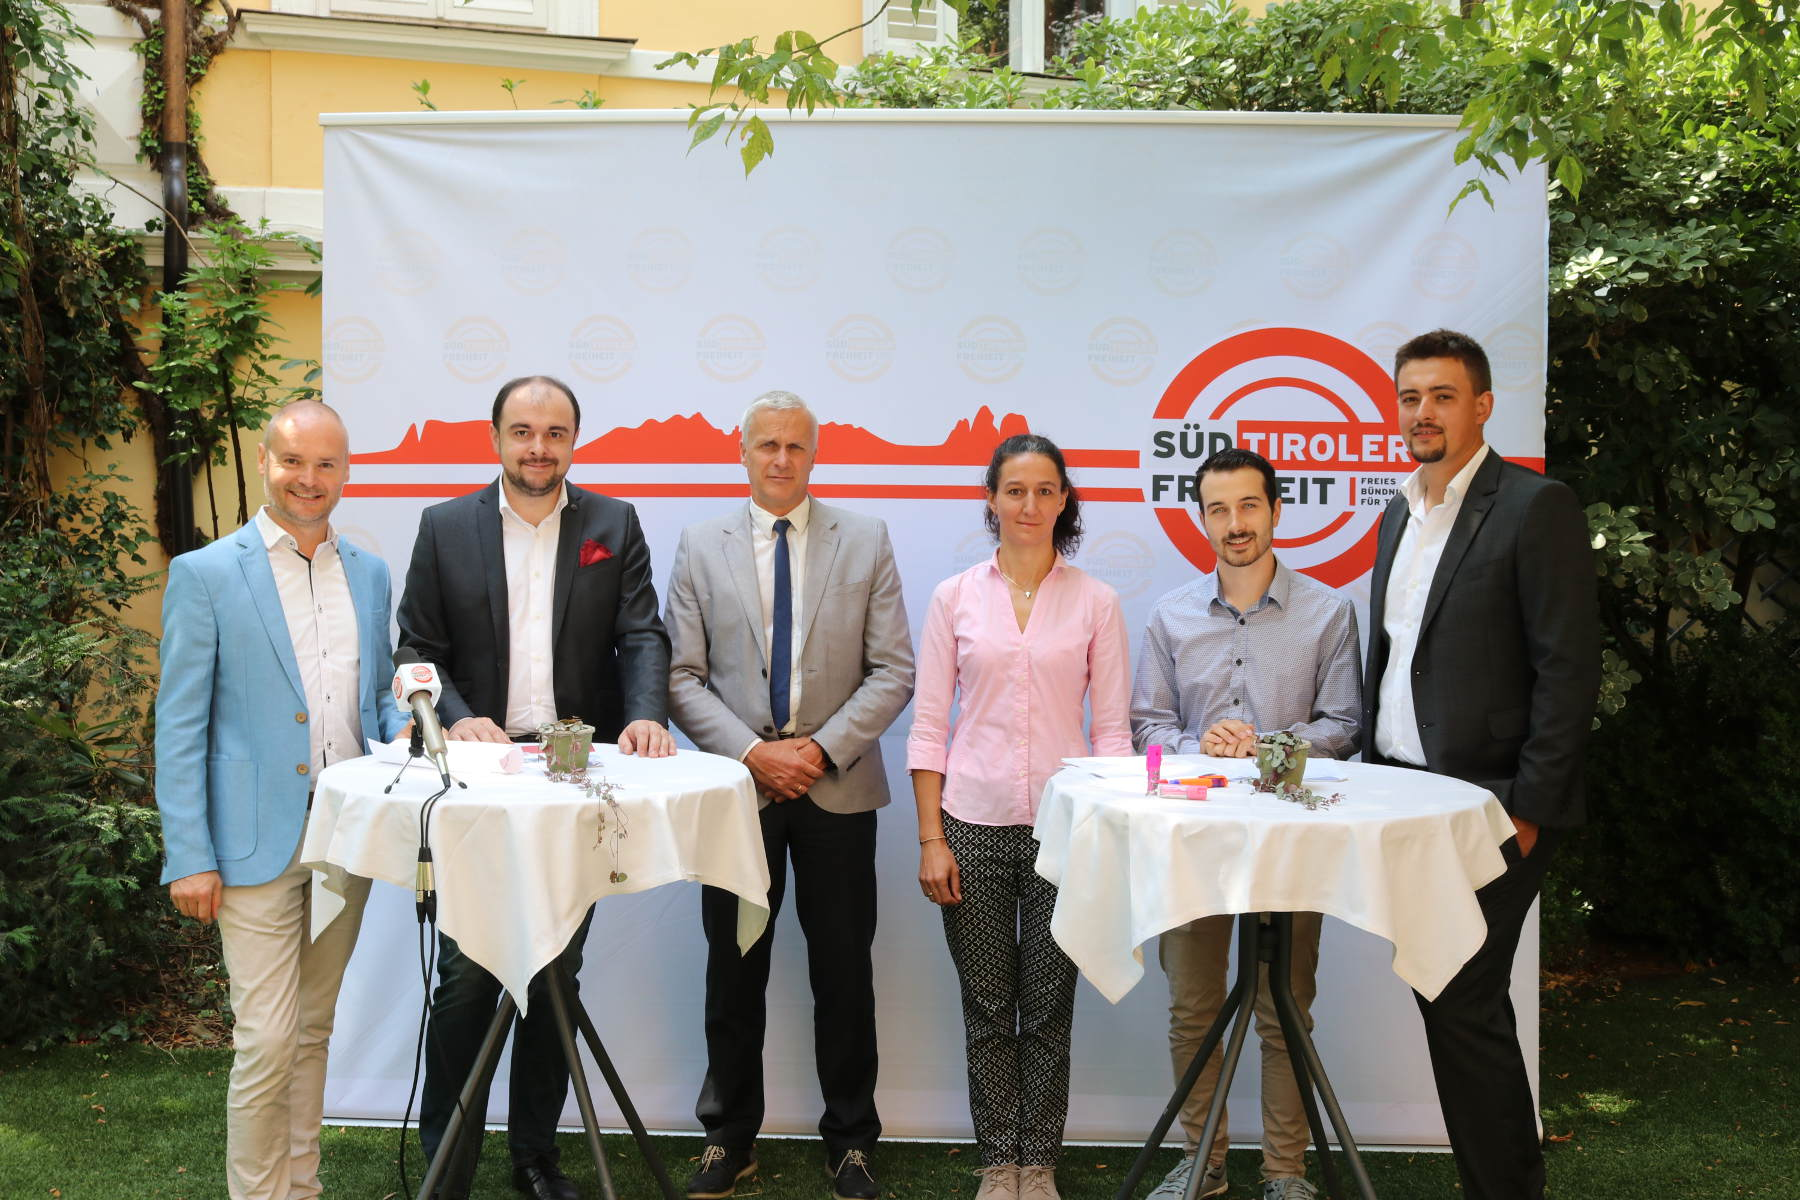 Öffentlicher RaumSüd-Tirol wieder sicher machen!